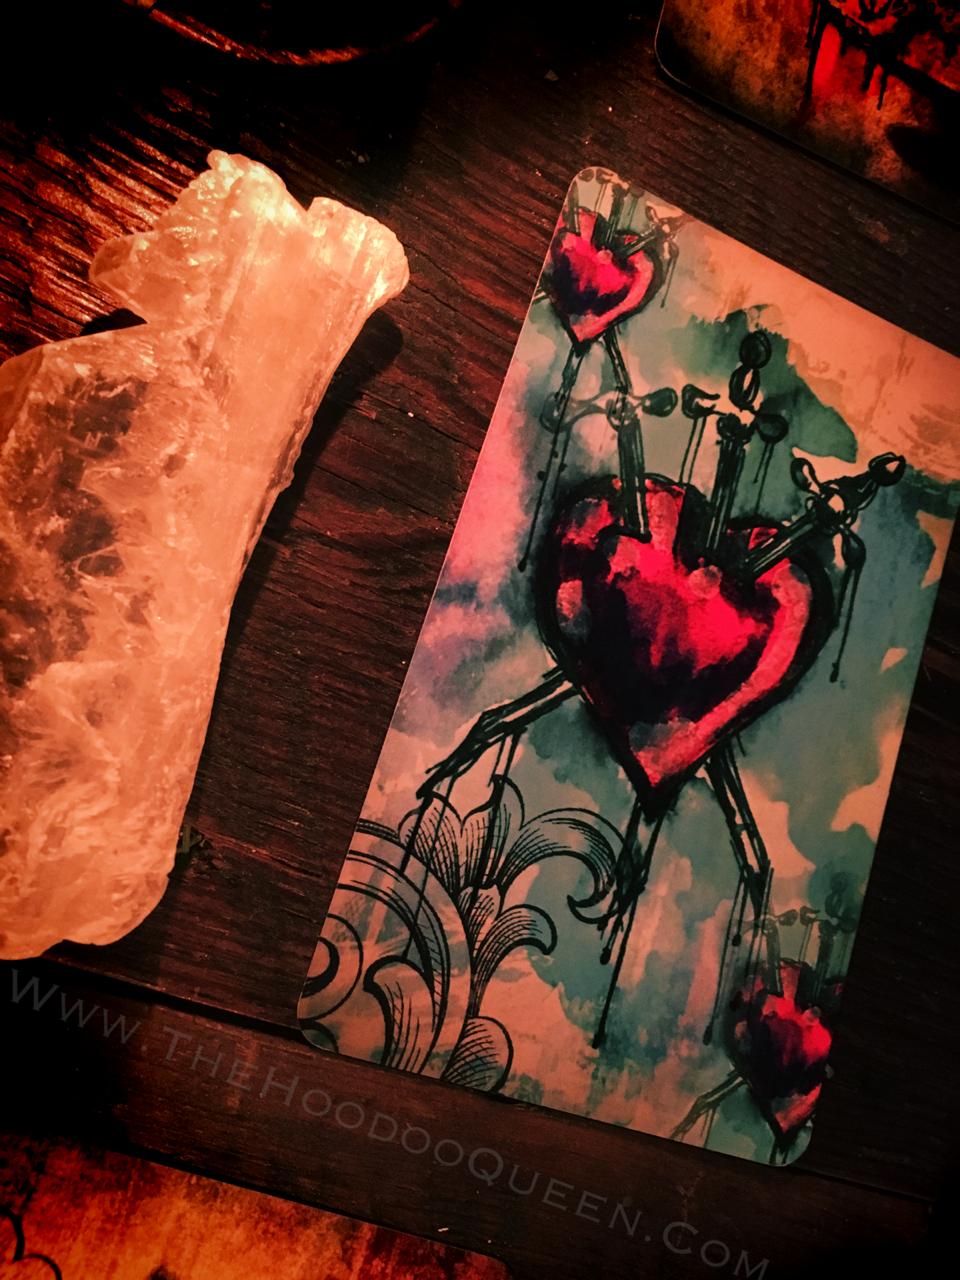 The Hoodoo Queen Conjure Tarot